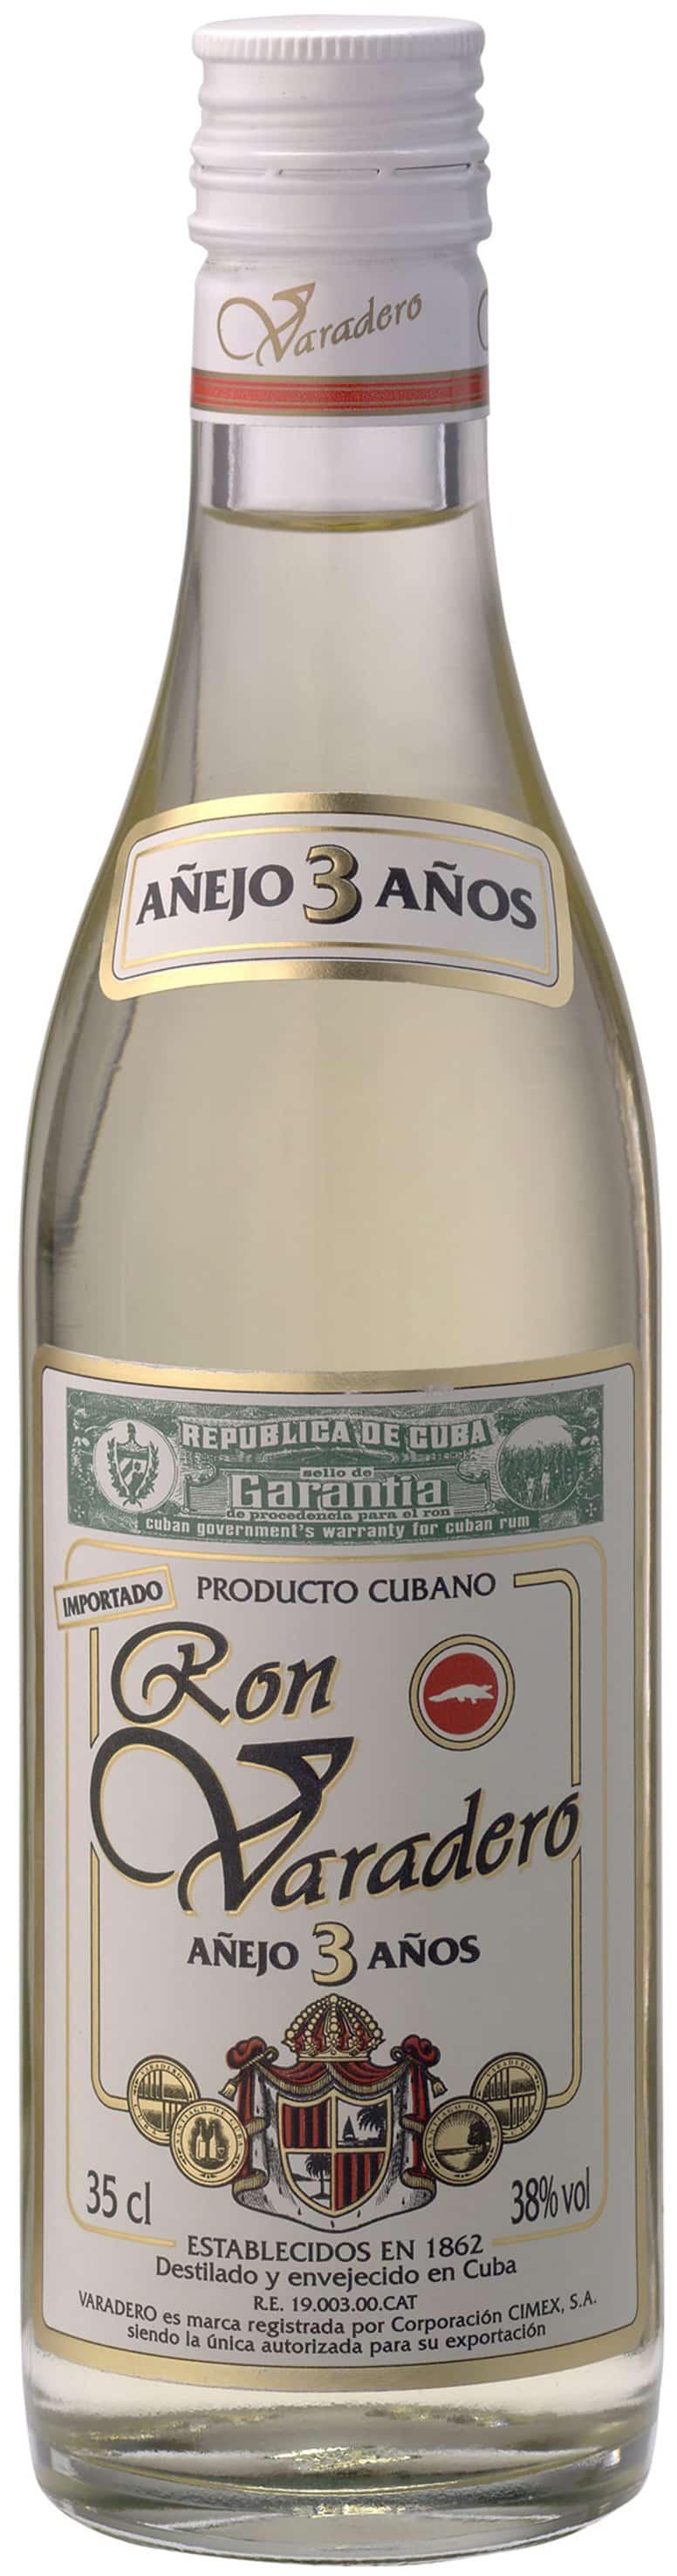 Buy Varadero Reserve 3 Years 35 CL (Cuba) Rum online